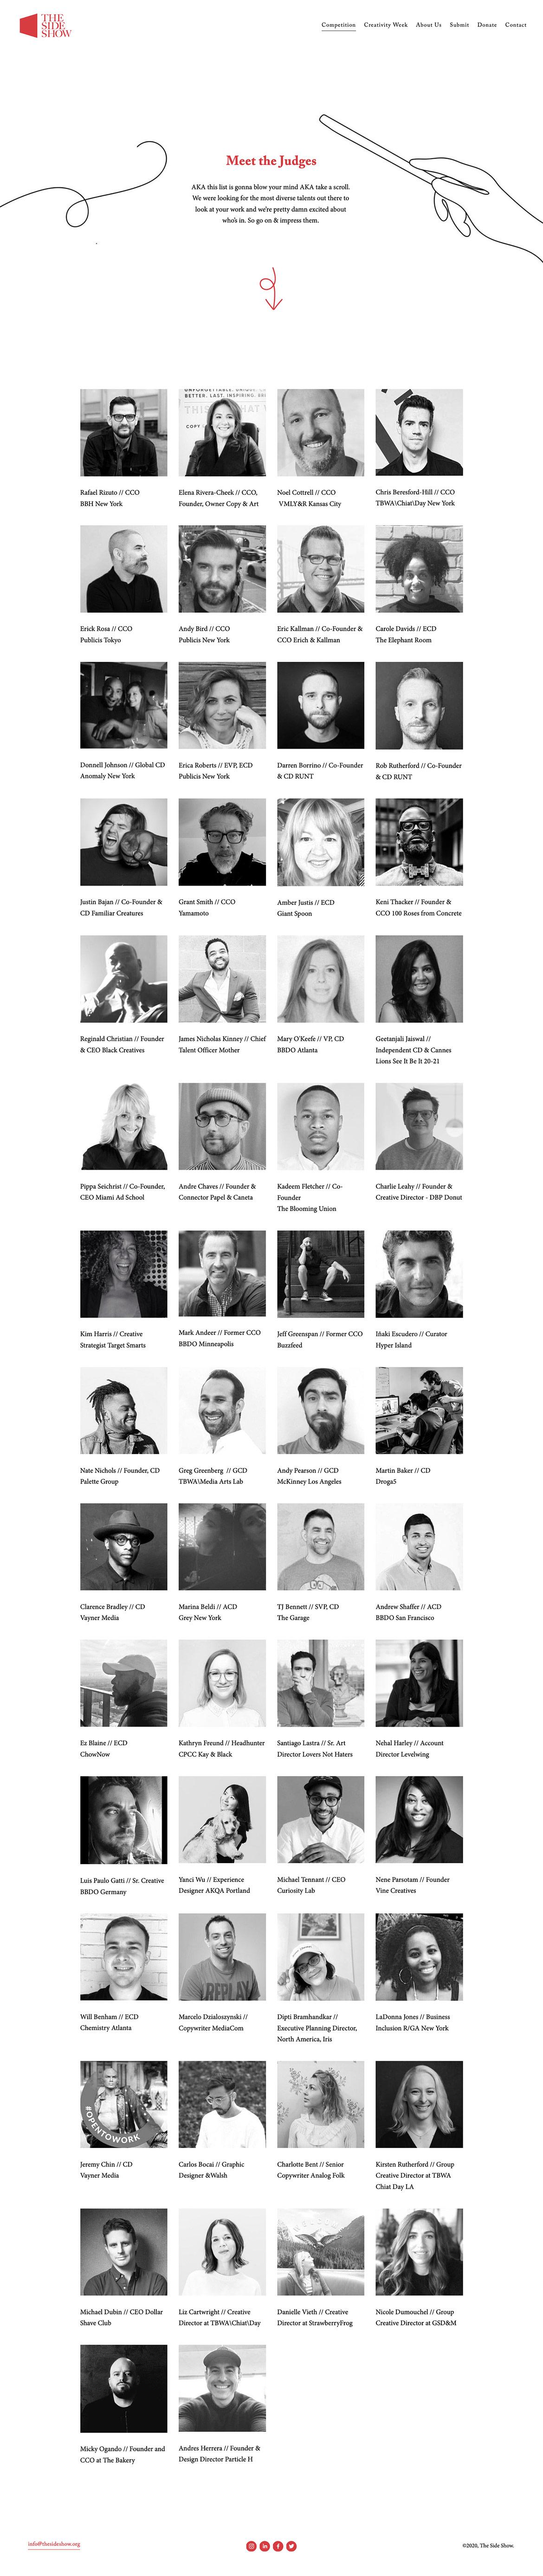 Tss-Website-Judges